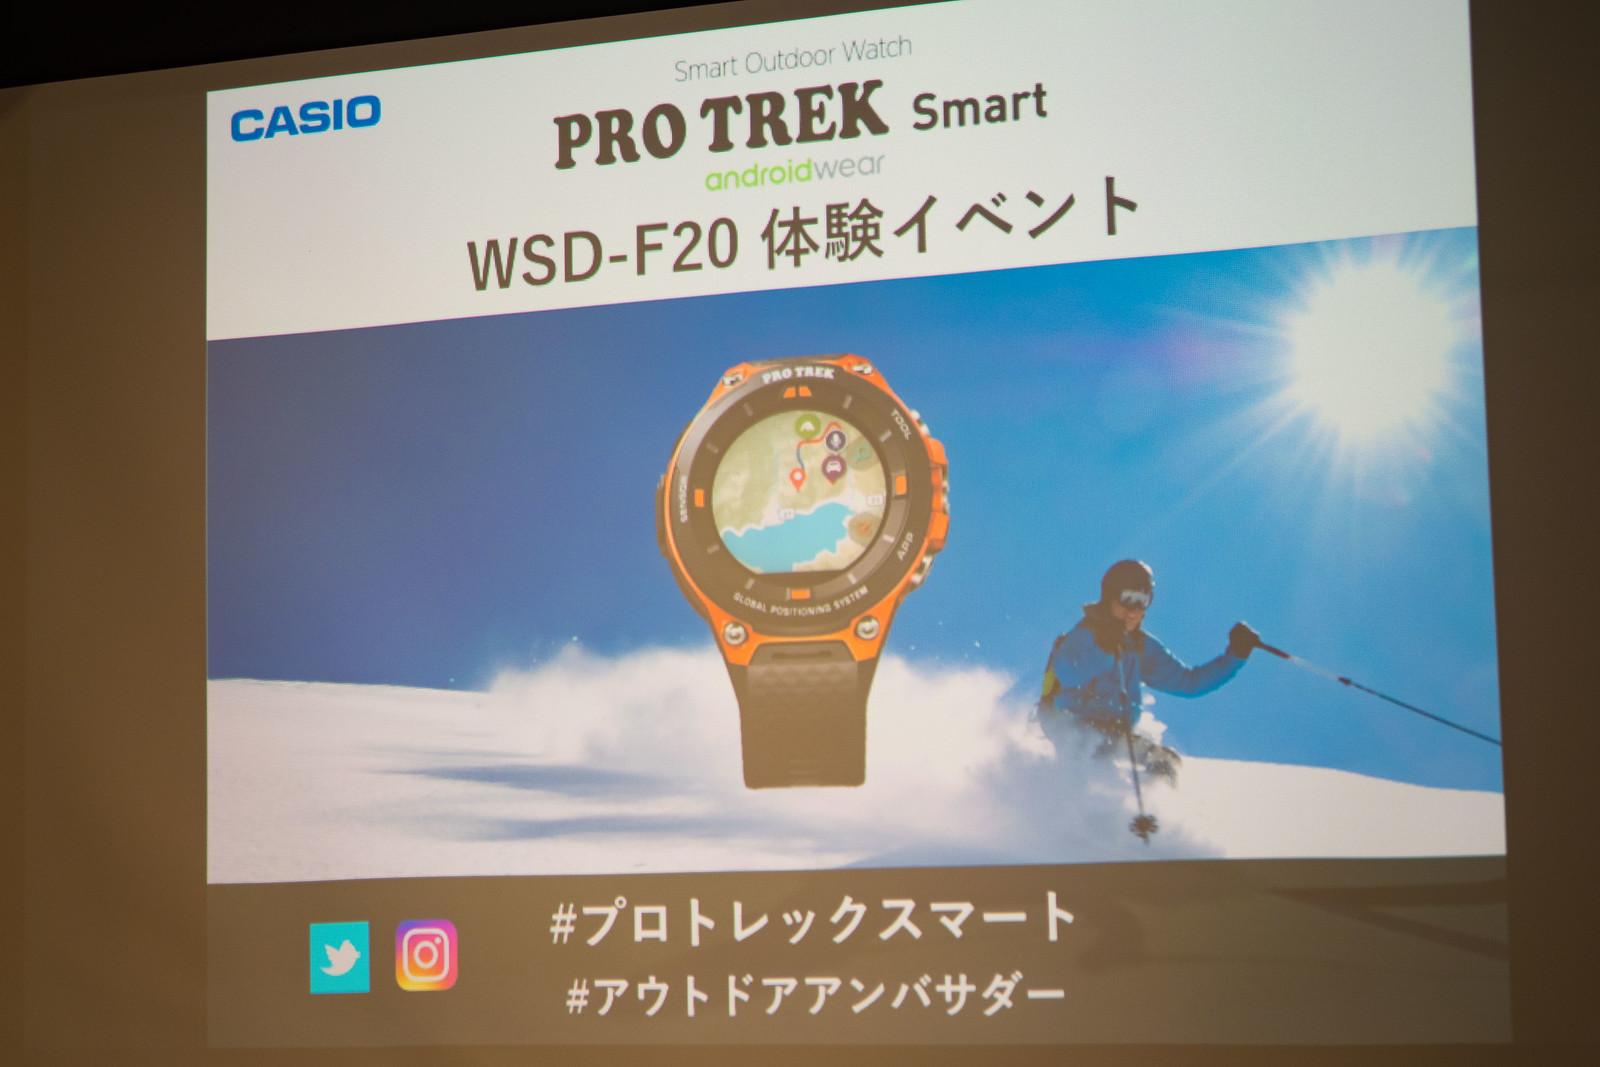 PRO_TREK_Smart-10